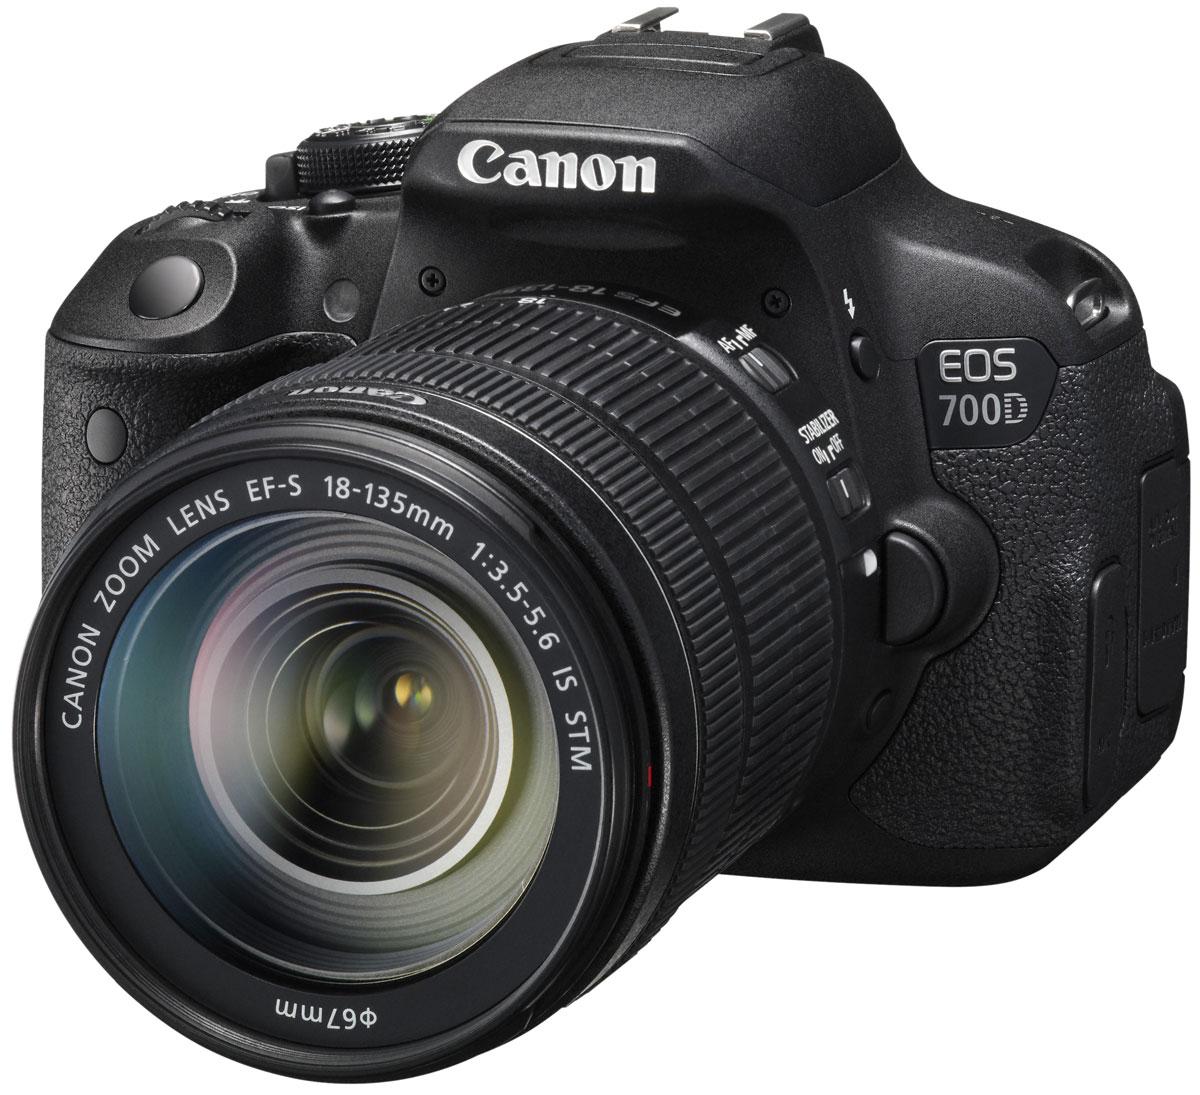 Canon EOS 700D Kit EF-S 18-135 IS STM8596B009Цифровая зеркальная камера Canon EOS 700D идеальна для первого опыта в мире изображений EOS. Сделайте шаг в мир цифровой зеркальной фотографии и раскройте свой творческий потенциал. 18-мегапиксельный датчик позволяет создавать превосходные фотографии и видео, а удобный сенсорный ЖК-экран с переменным углом наклона Clear View II превращает съемку в удовольствие. Превосходное качество изображения: Запечатлейте каждую деталь благодаря 18-мегапиксельной матрице с гибридным CMOS-автофокусом. EOS 700D позволяет создавать изображения с низким уровнем шумов, которые можно распечатывать в большом разрешении, либо кадрировать и менять композицию. Видео в формате Full HD: Снимайте видео с разрешением 1080p и с выбором оптимального уровня автоматического или ручного контроля. Технология гибридной автофокусировки обеспечивает автоматическую непрерывную фокусировку при съемке видео. EOS 700D поддерживает почти бесшумную следящую автофокусировку для видео,...